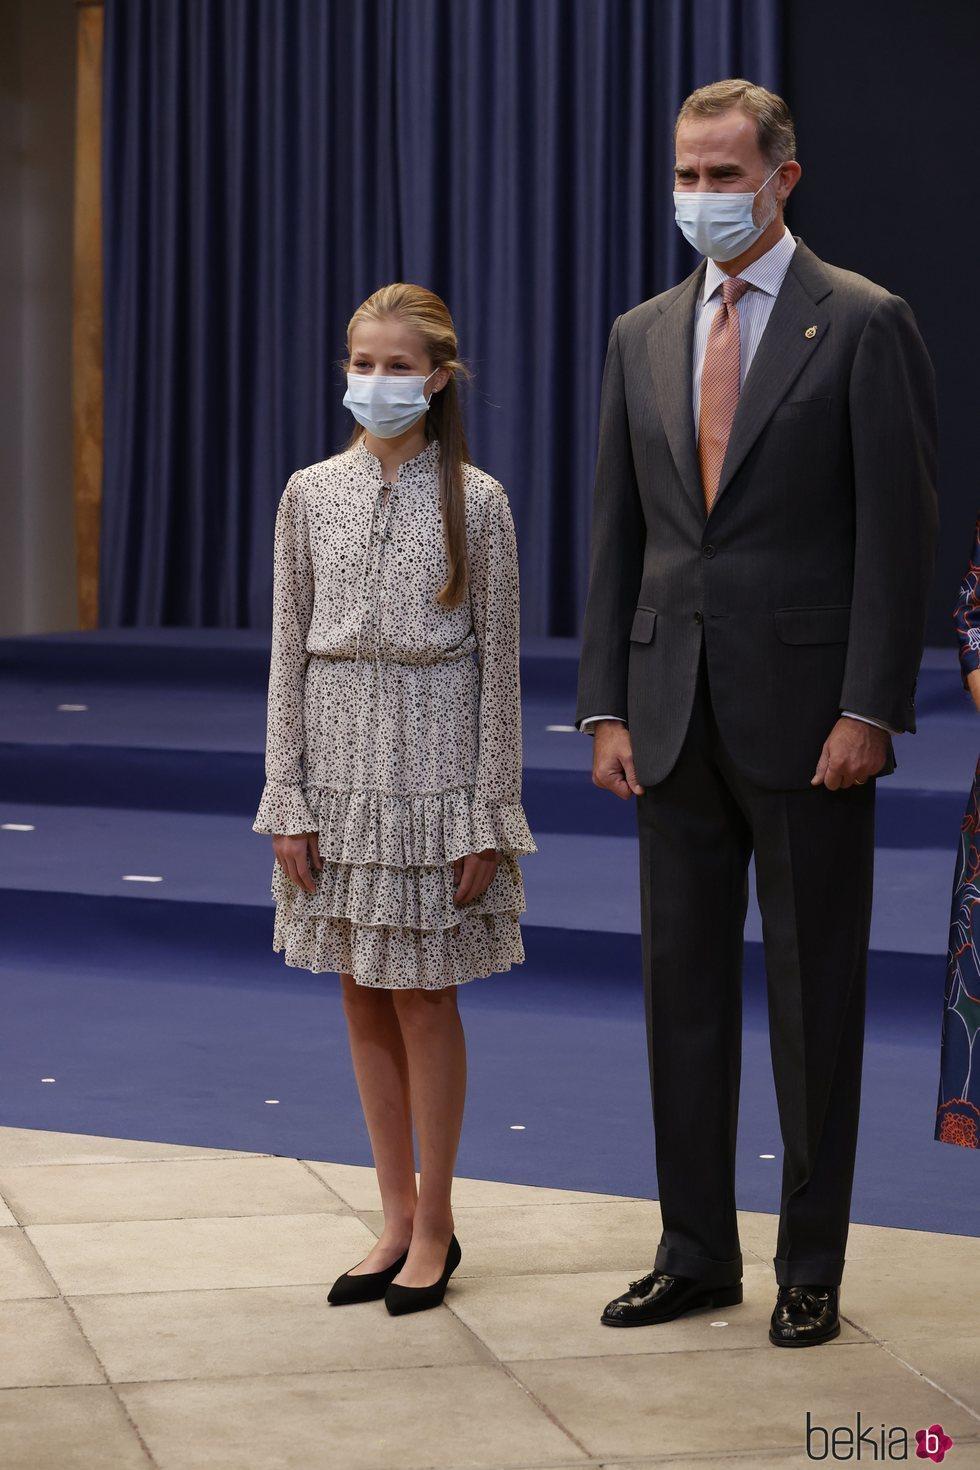 El Rey Felipe y la Princesa Leonor en la audiencia a los galardonados de los Premios Princesa de Asturias 2020